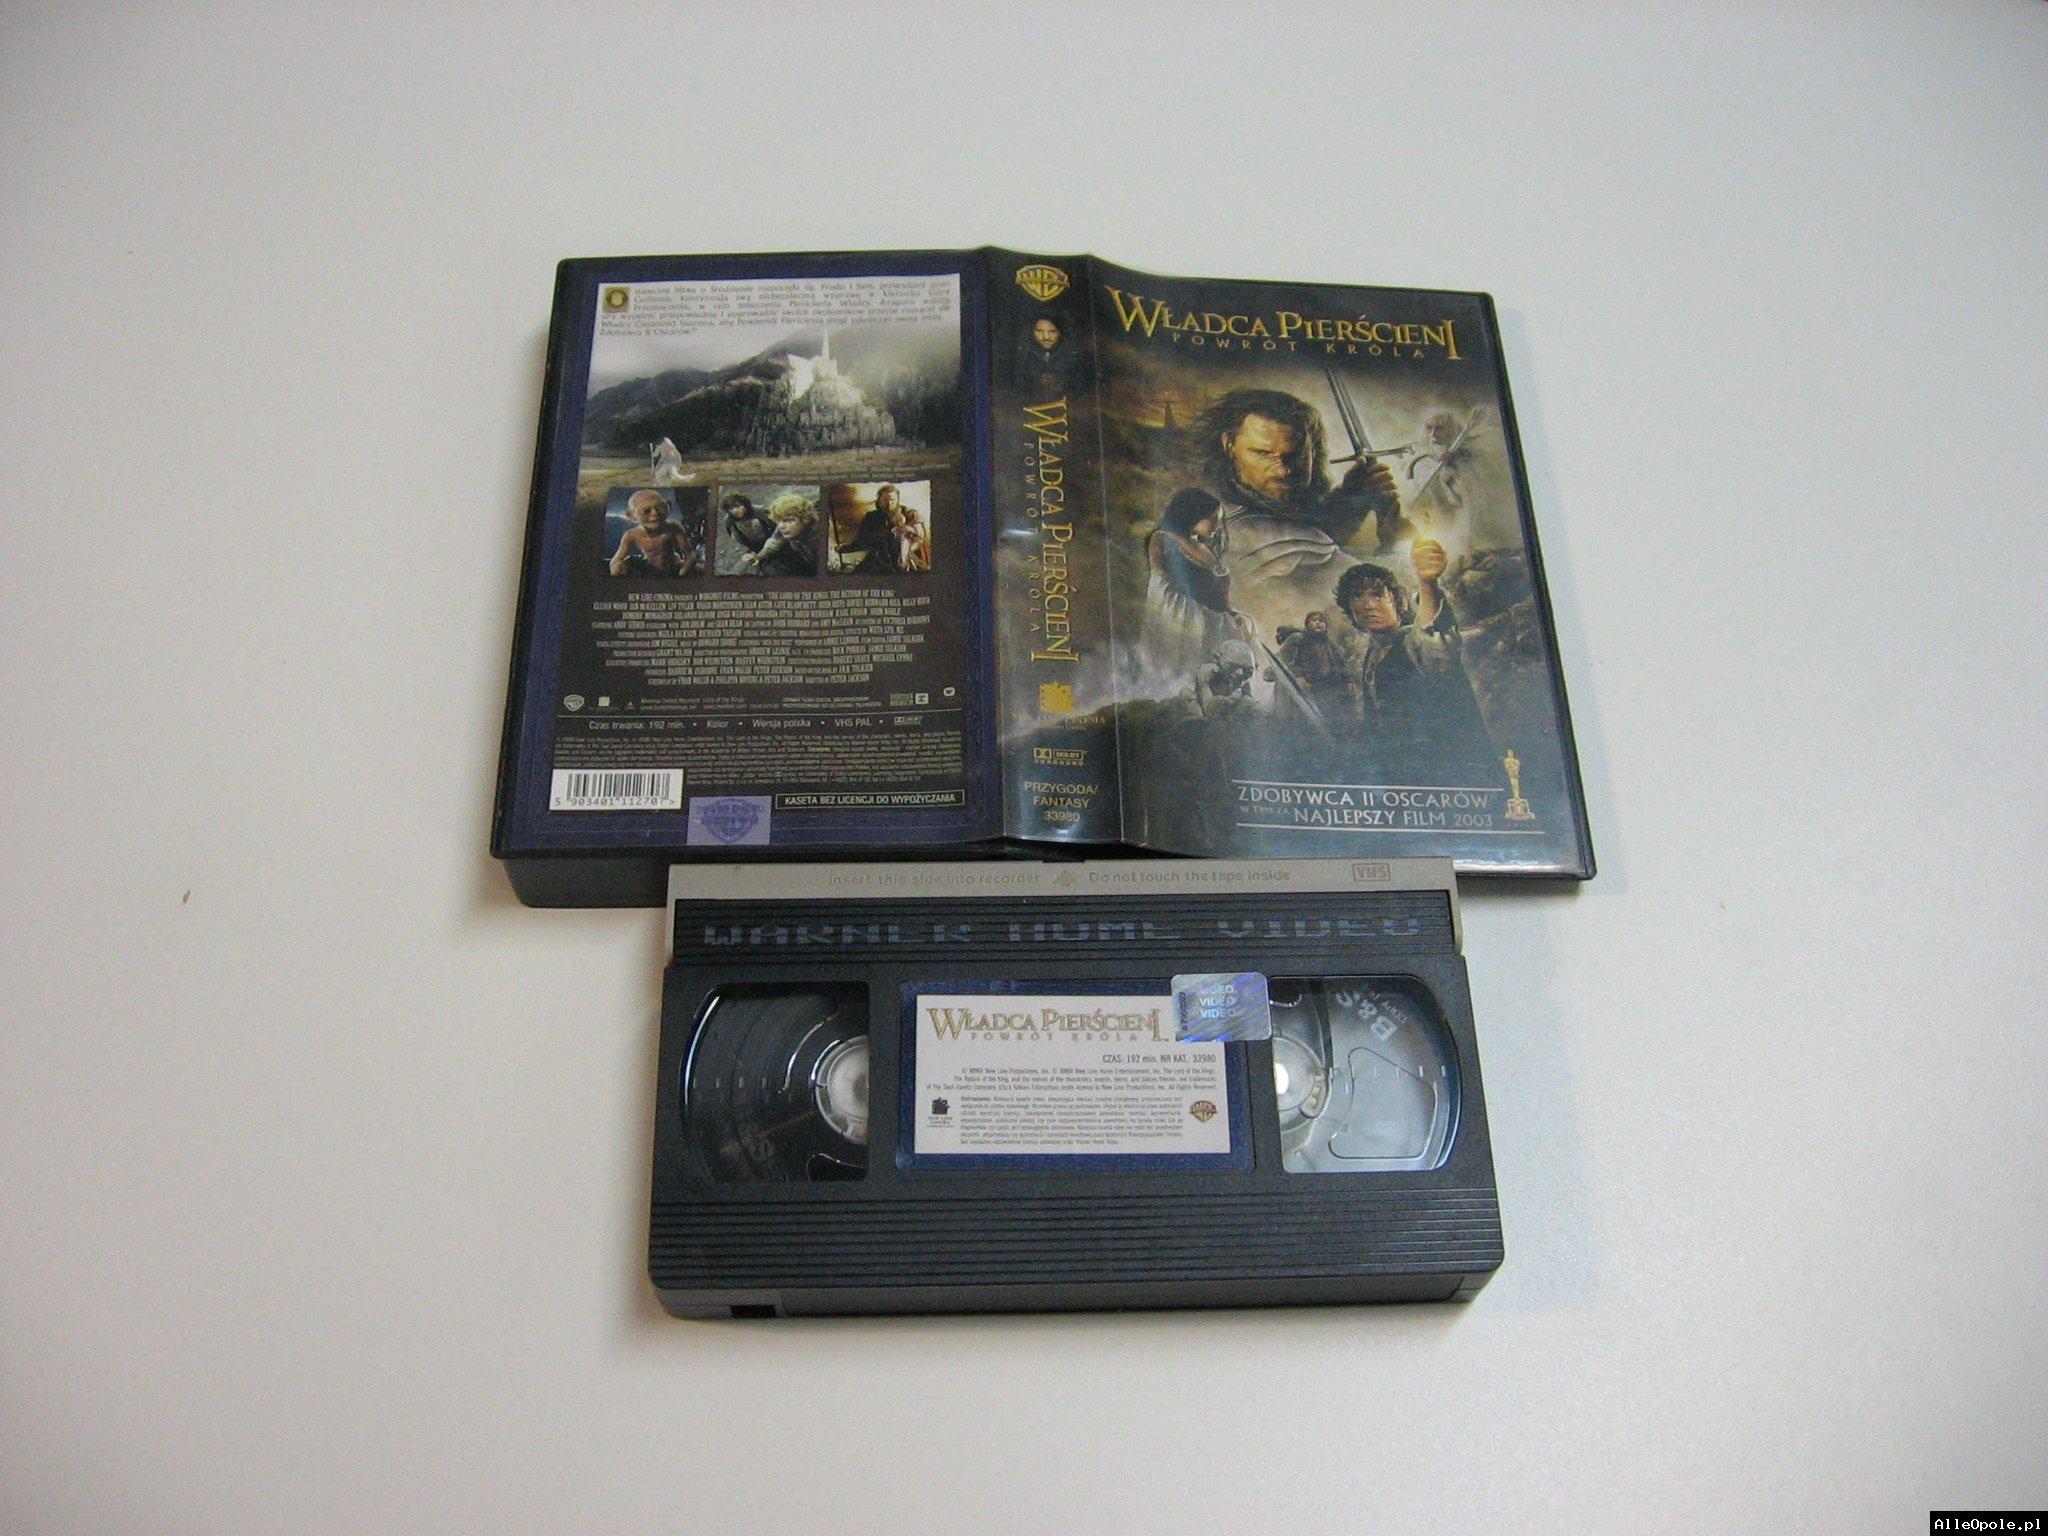 WŁADCA PIERŚCIENI POWRÓT KRÓLA - VHS Kaseta Video - Opole 1796